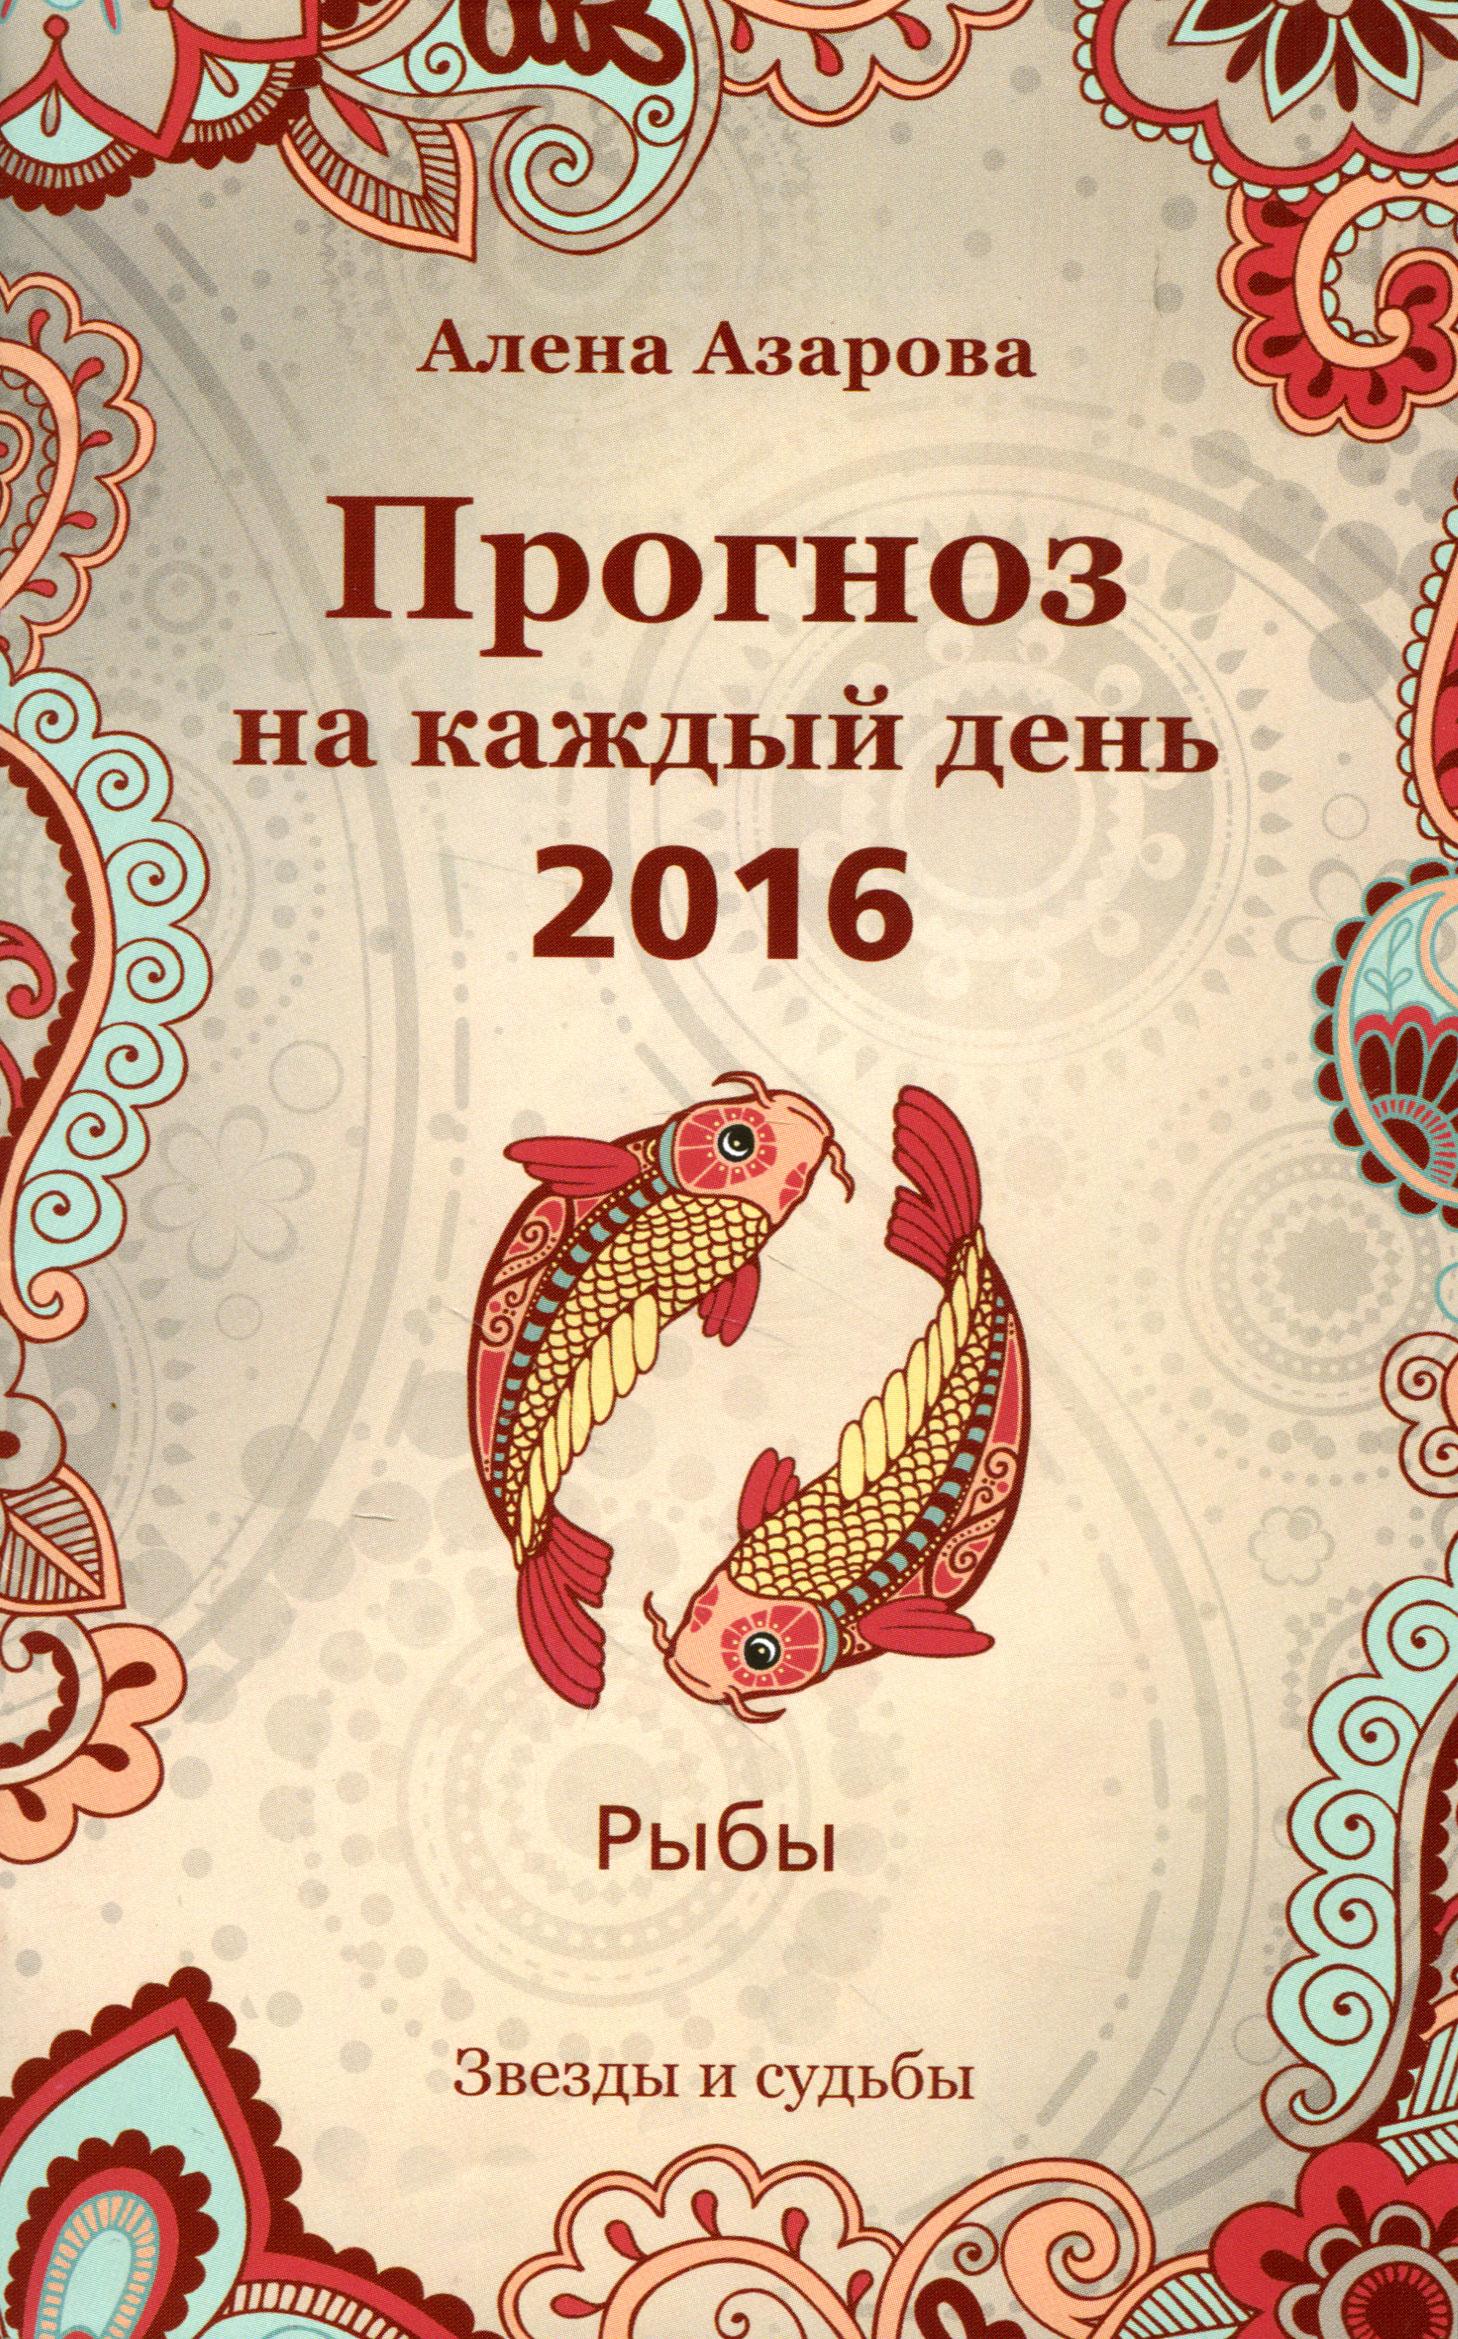 Прогноз на каждый день. 2016 год. Рыбы ( 978-5-386-08806-4 )